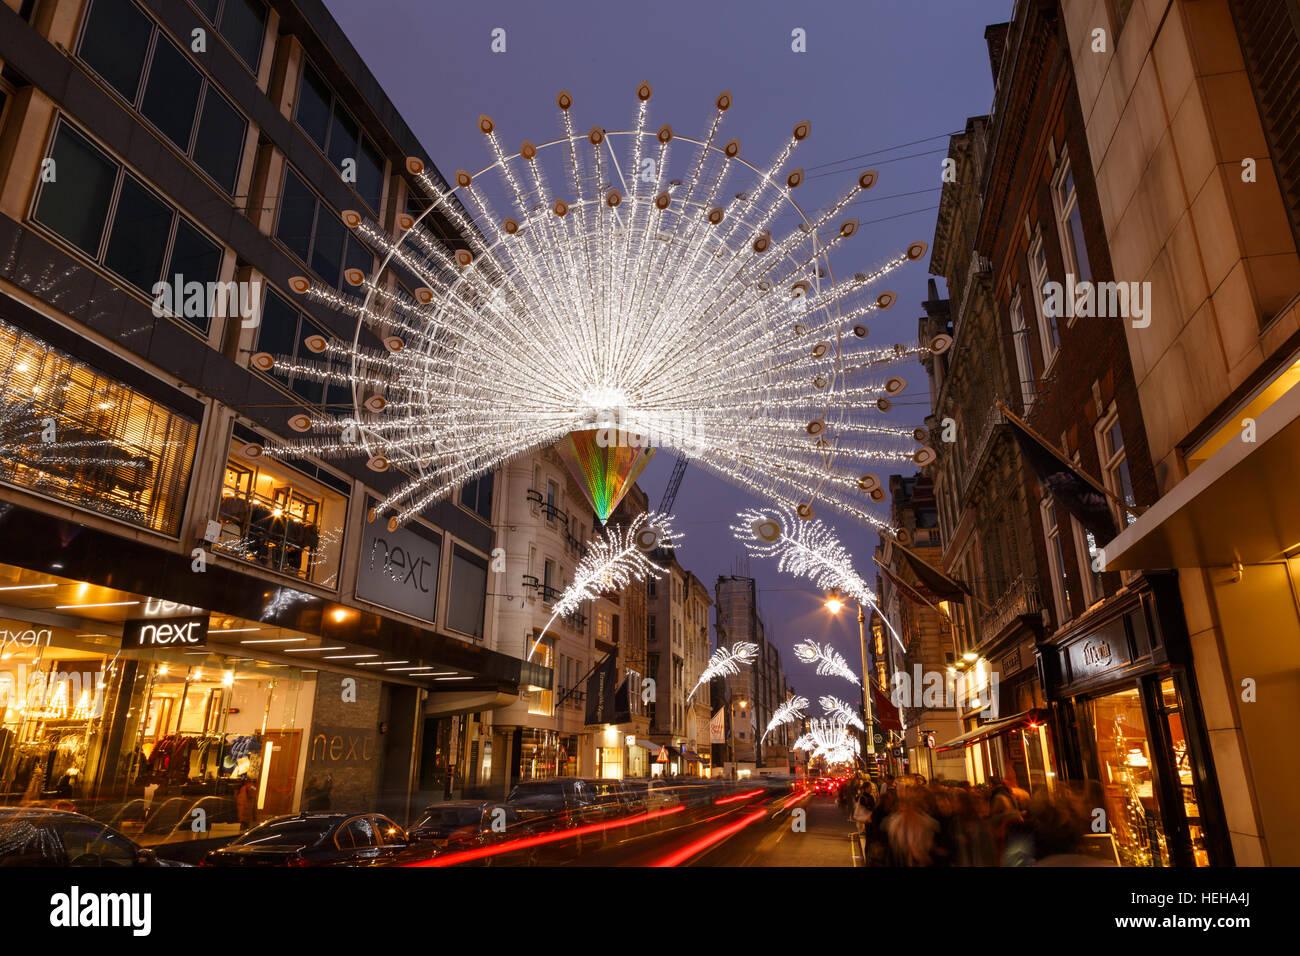 Decorazioni Natalizie Londra.Luci E Decorazioni Natalizie Su New Bond Street Londra A Londra Inghilterra Foto Stock Alamy